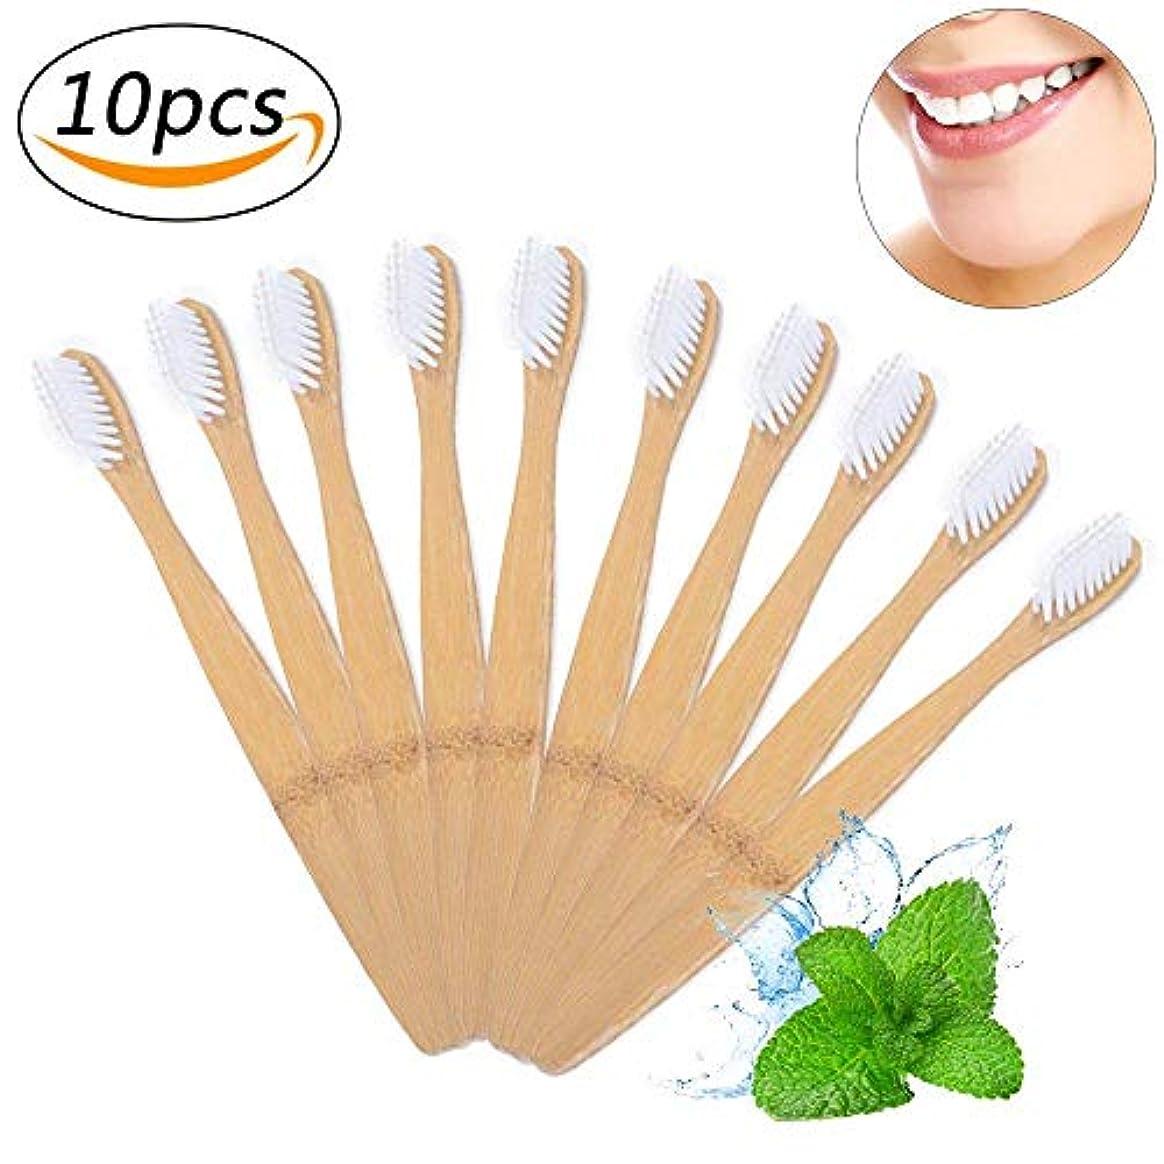 趣味ストレージどっちでも竹の歯ブラシ 環境保護の歯ブラシ 柔らかいブラシ 分解性 耐久性 ホワイト 10本入